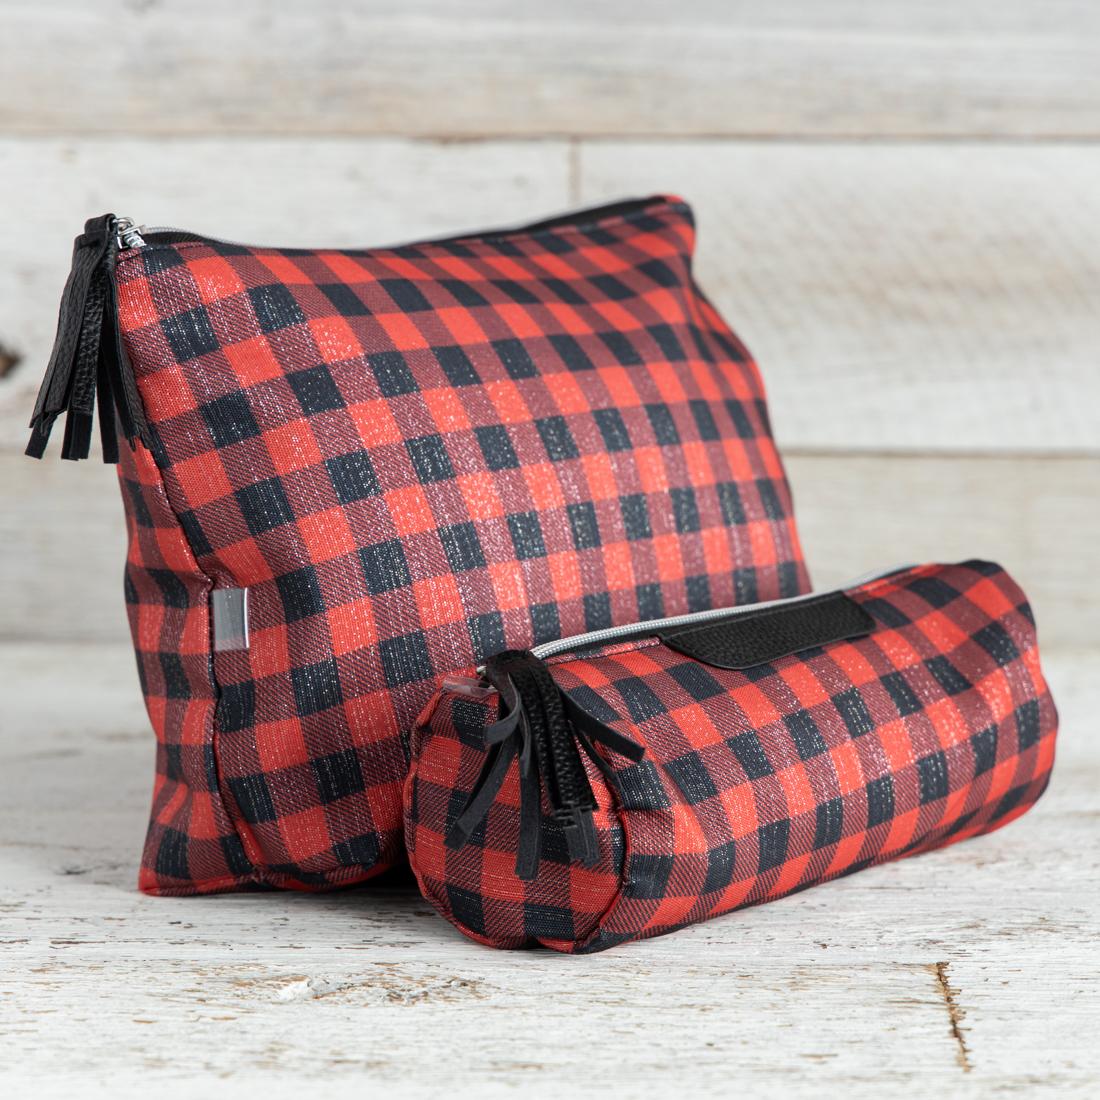 1535900765ada Buffalo Plaid 2-Piece Travel Bag Set